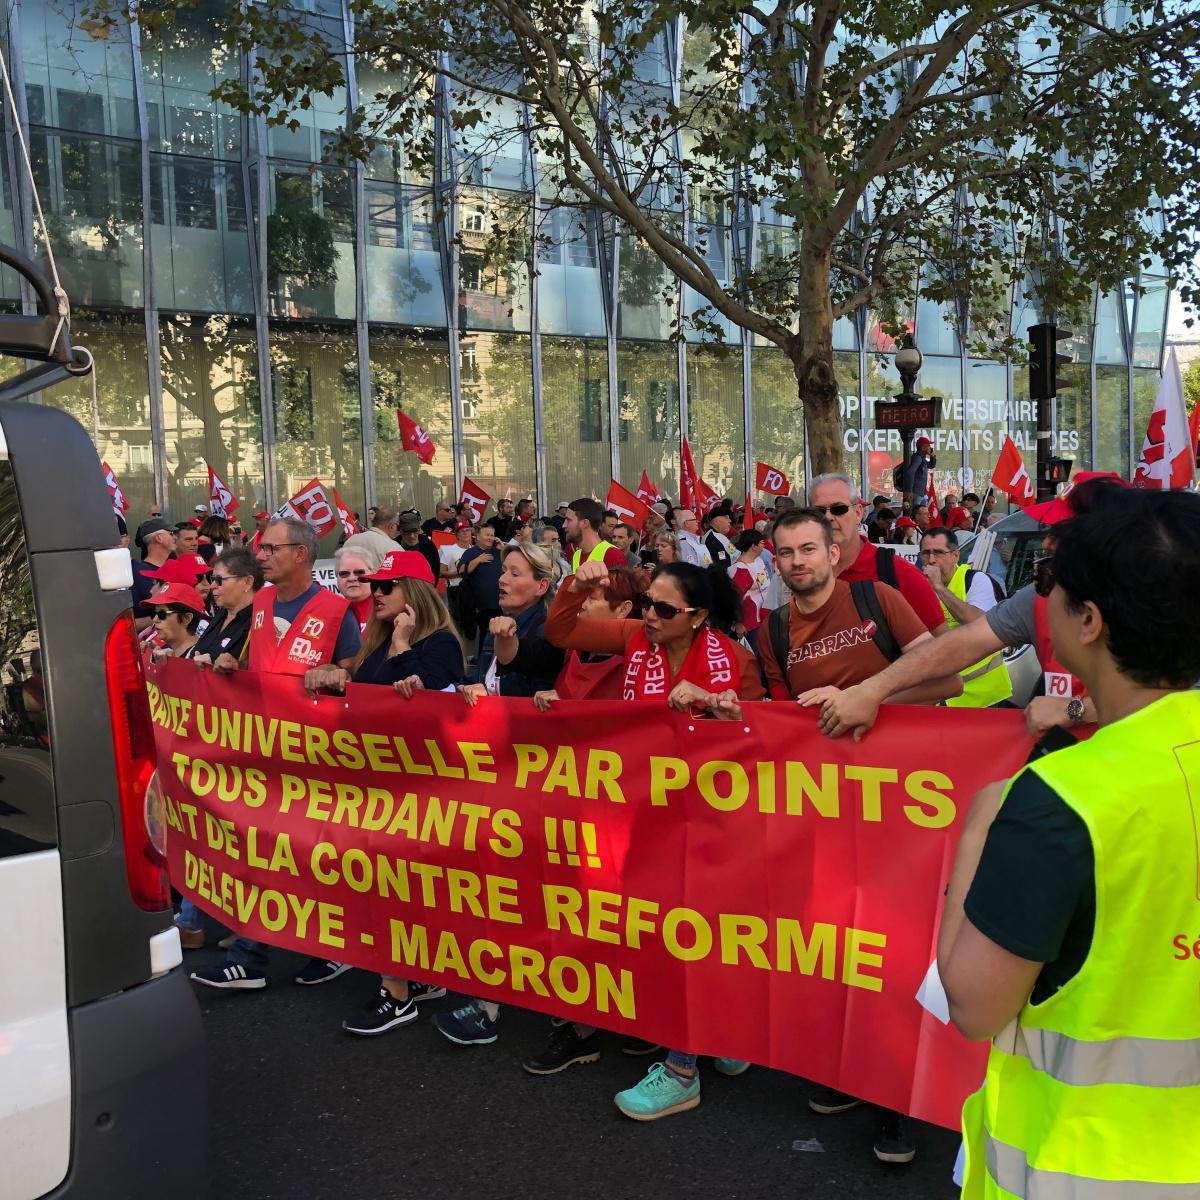 Manifestation contre la réforme des retraites organisée par FO : 15 000 militants présents.